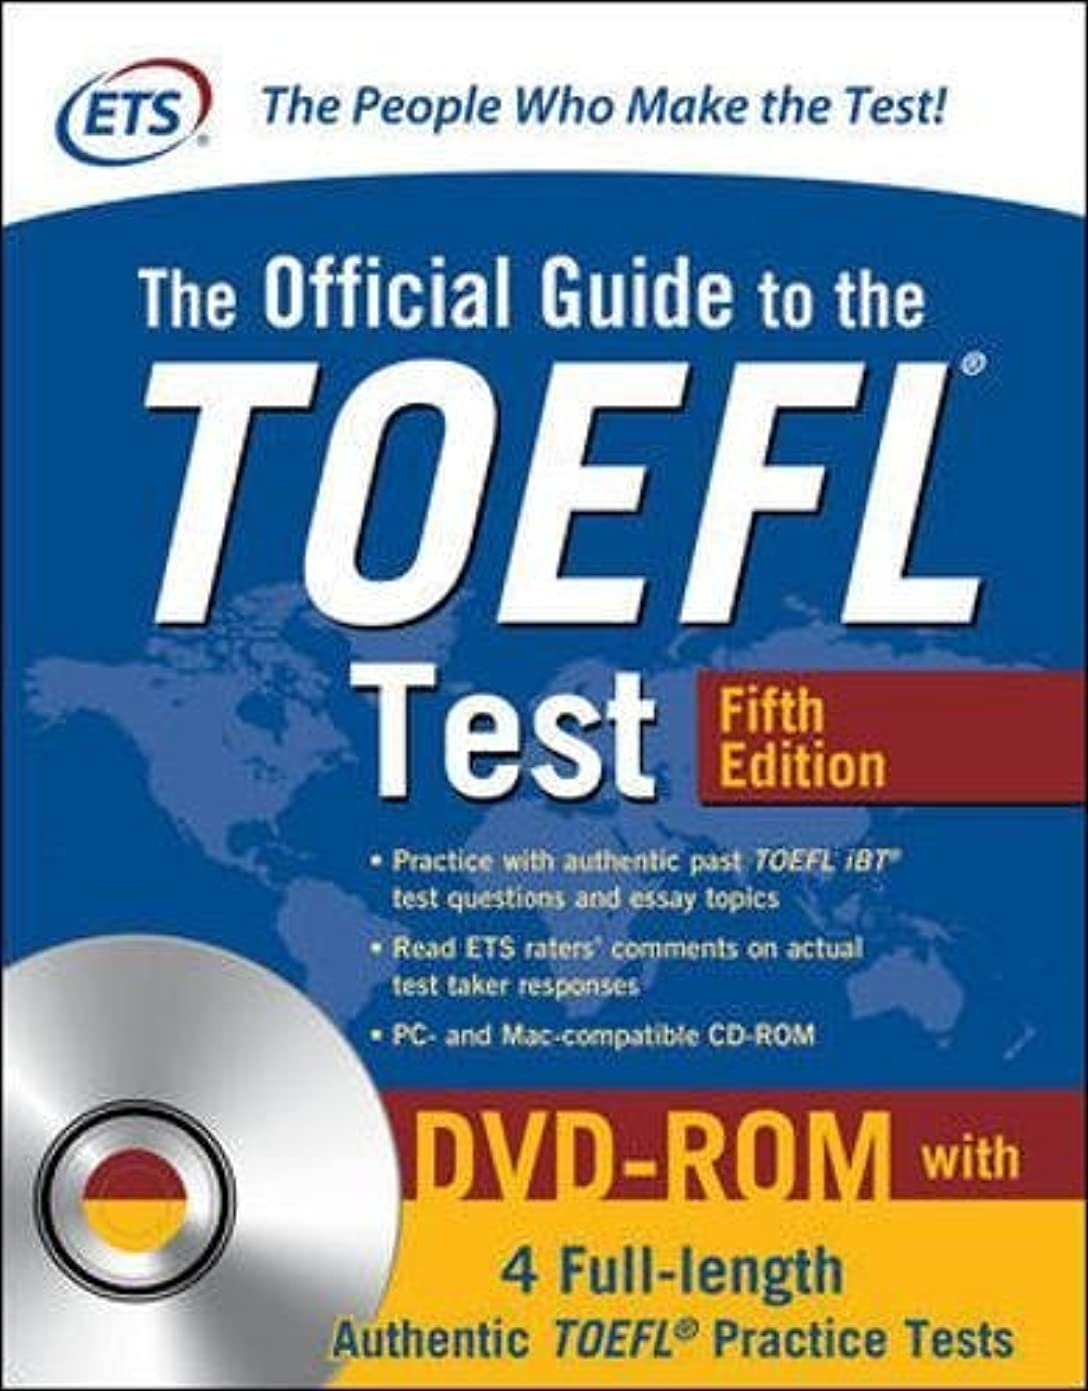 追い出すお互いありがたいThe Official Guide to the TOEFL Test with DVD-ROM, Fifth Edition